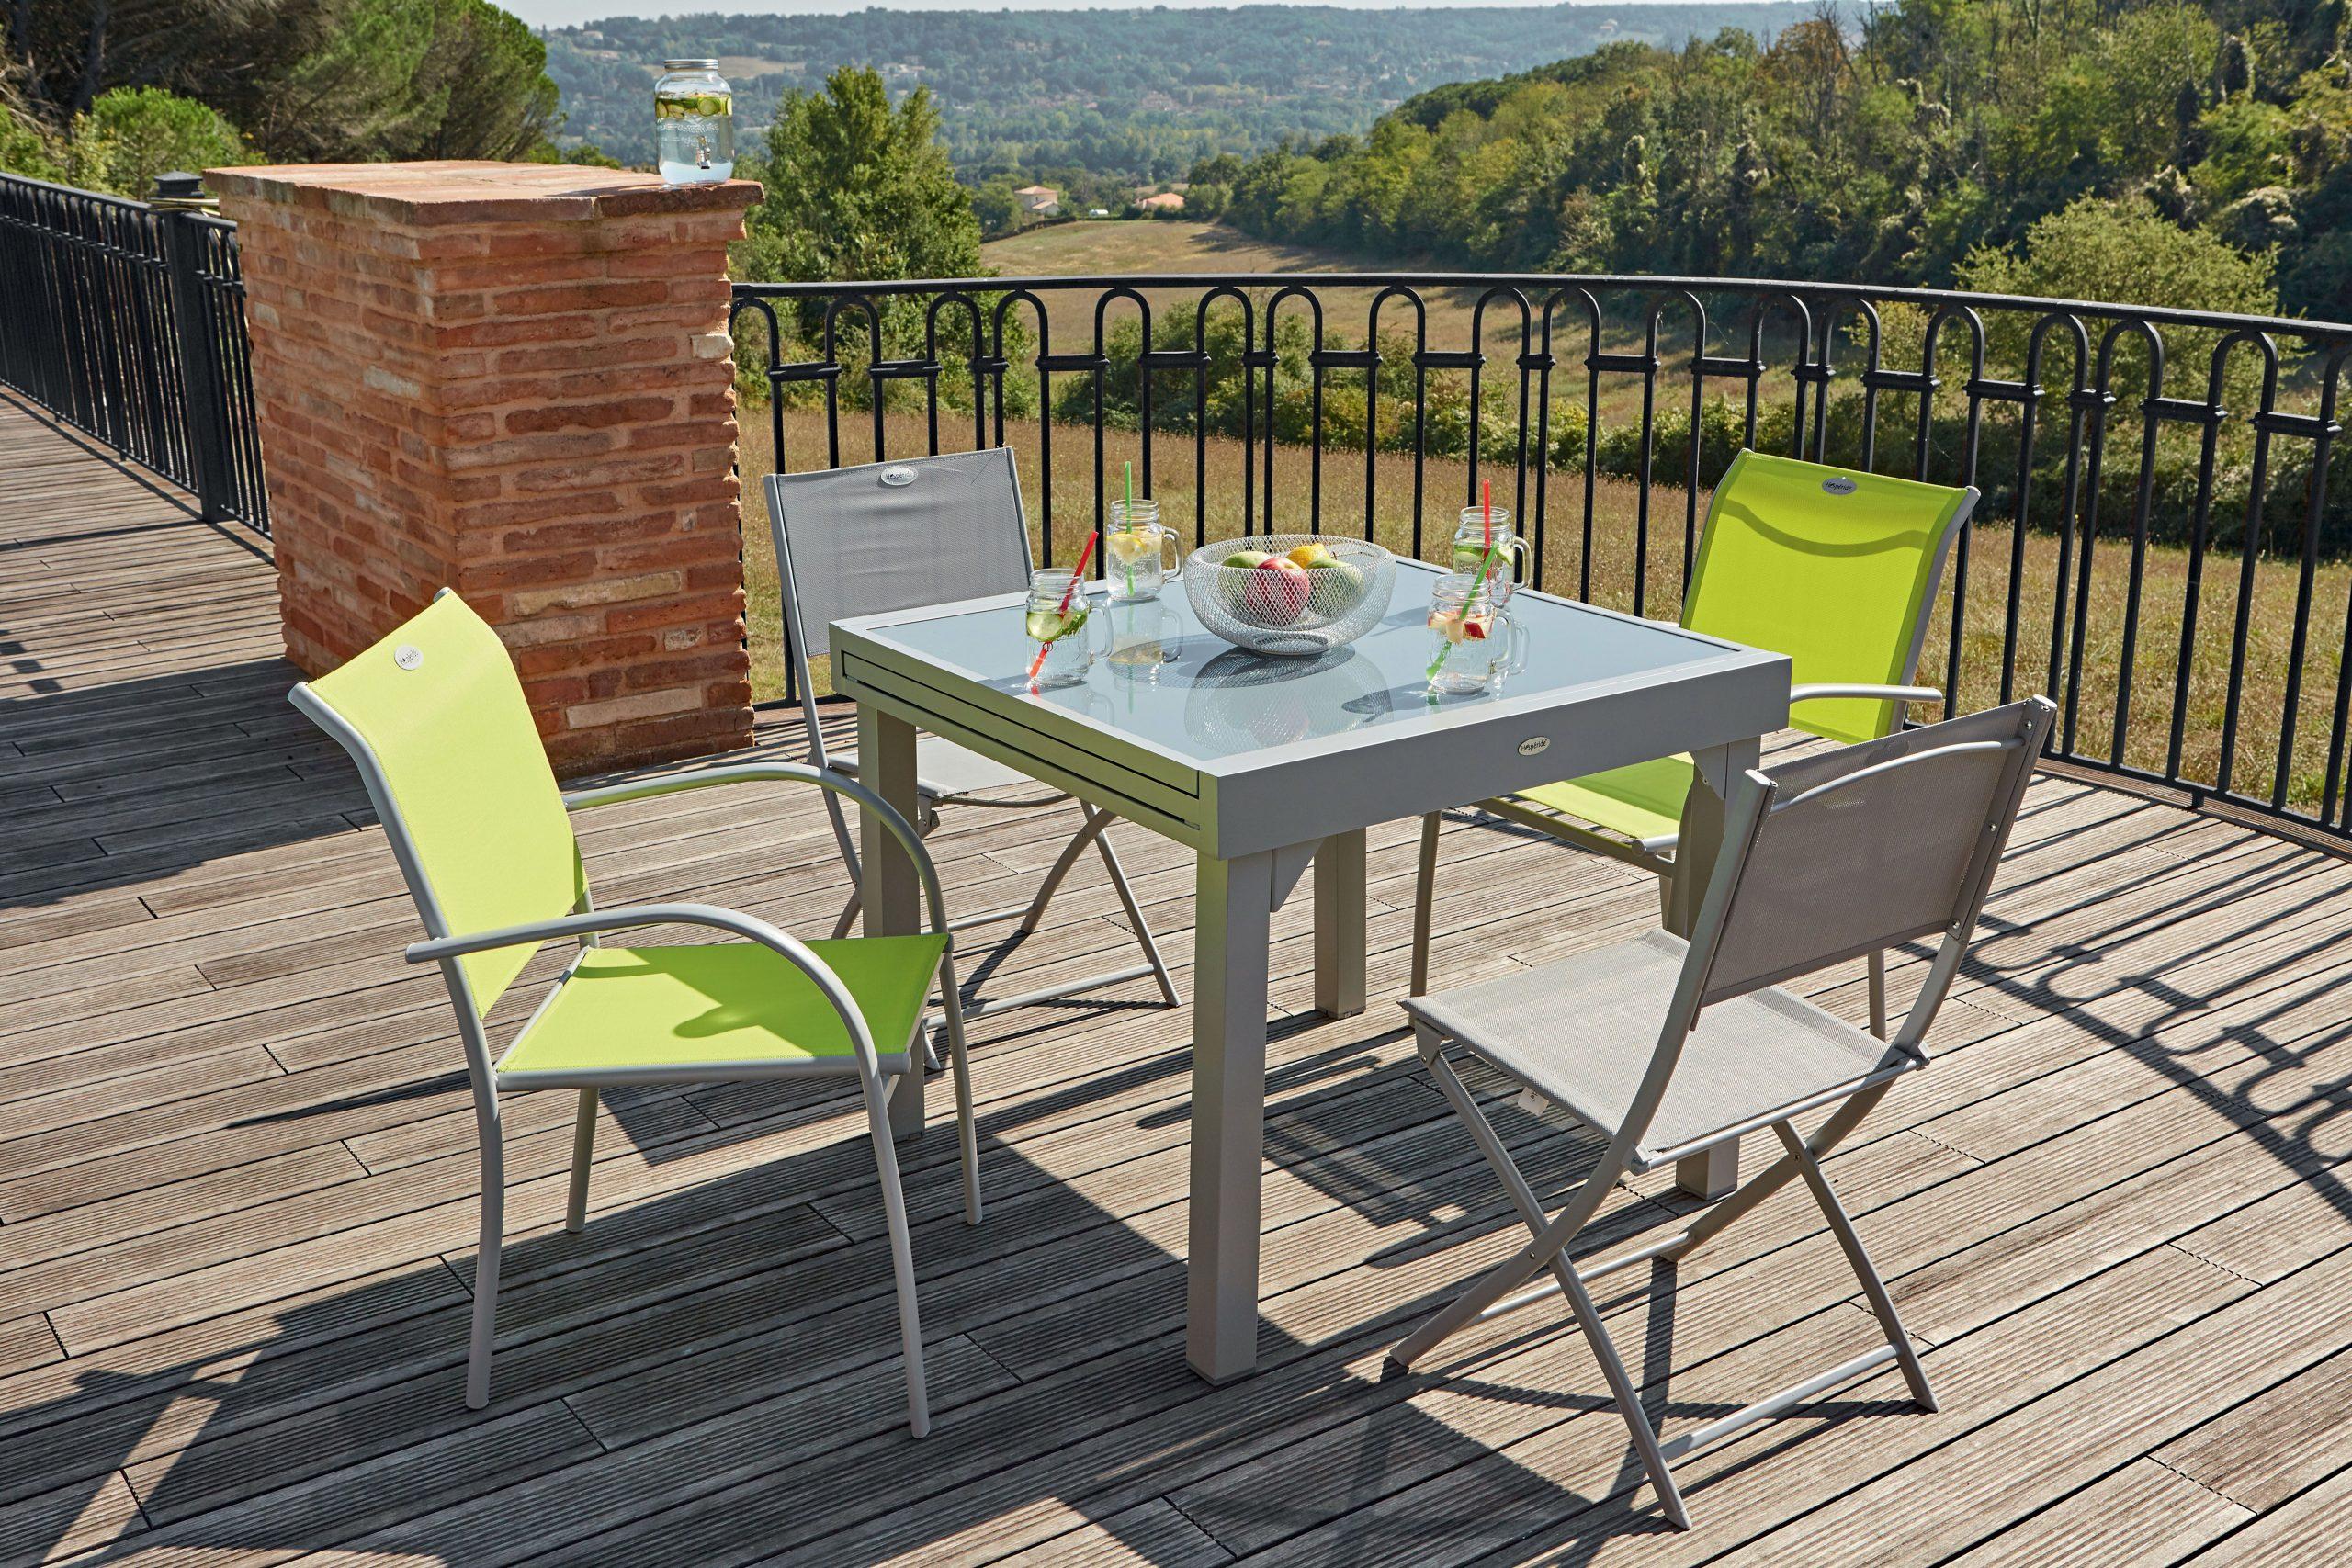 Table Extensible Centrakor   Salon De Jardin Castorama ... destiné Bordure Jardin Castorama